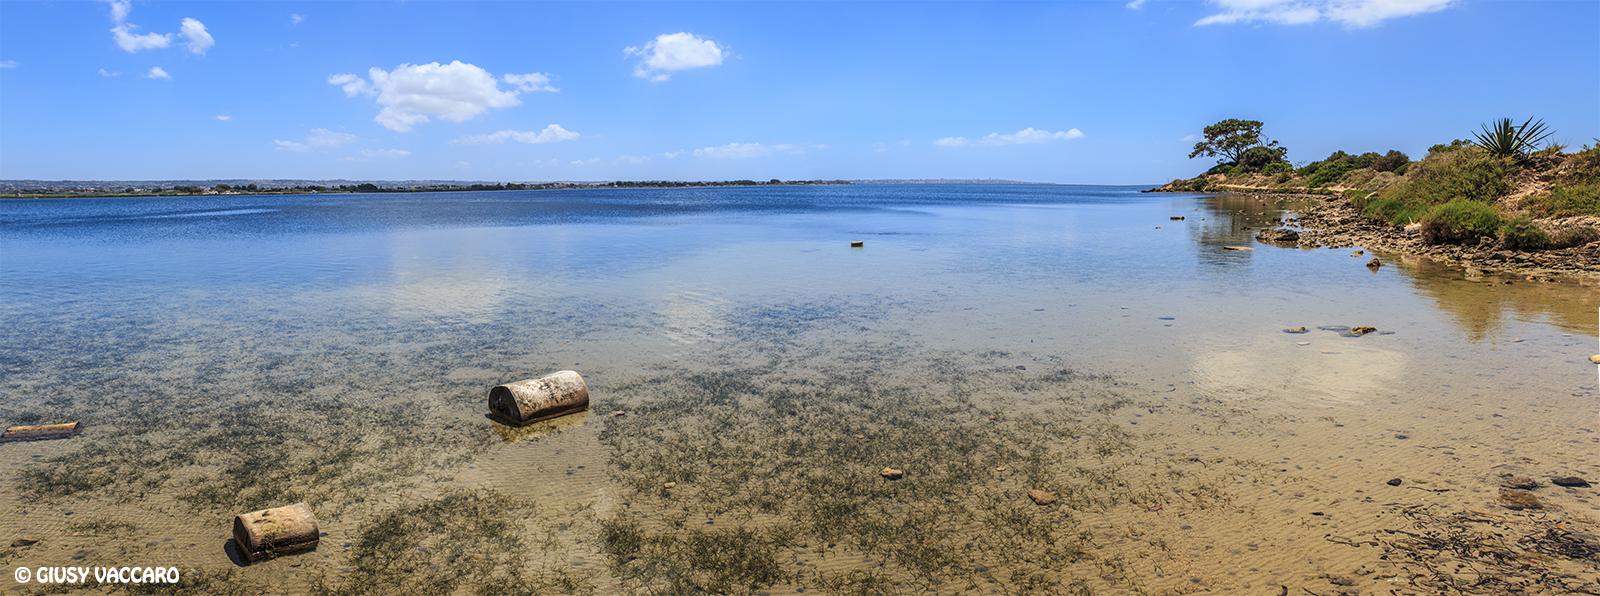 Laguna di Mozia